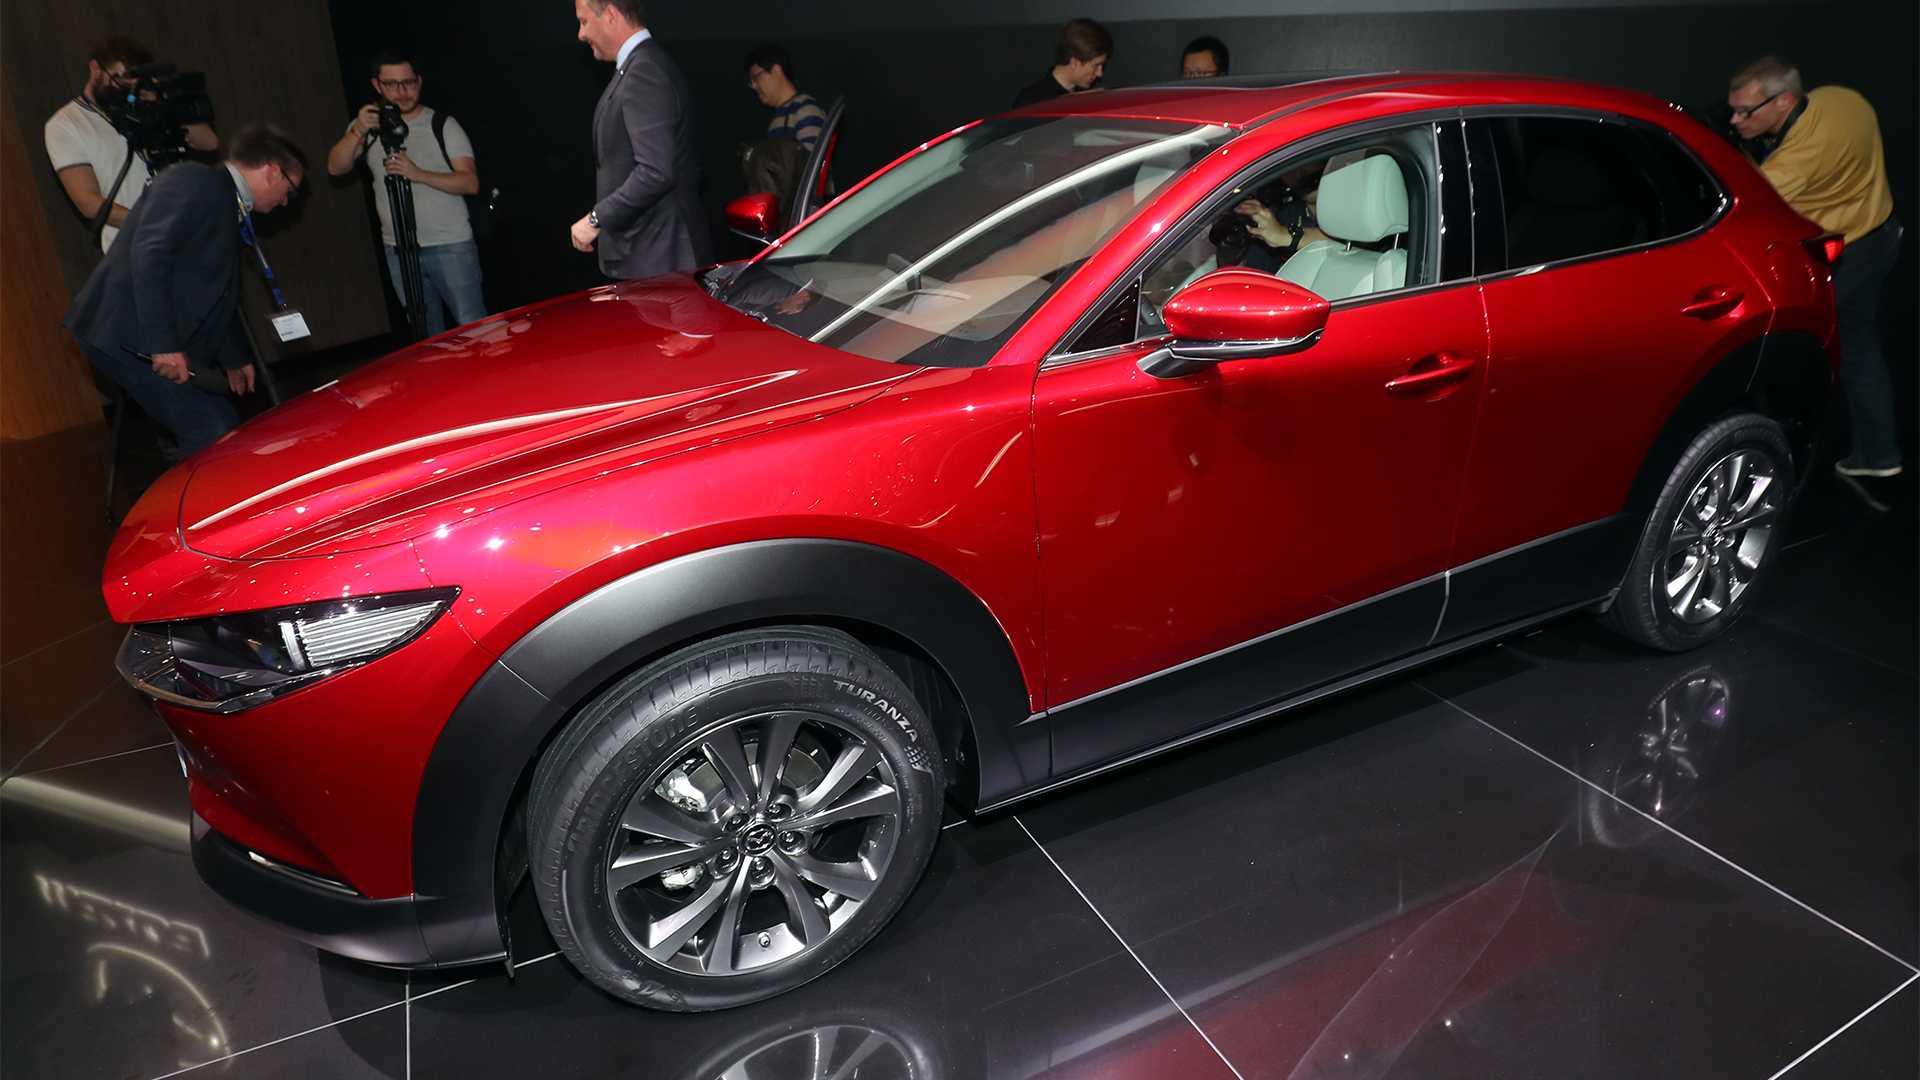 94 New Mazda Cx 5 Hybrid 2020 Model by Mazda Cx 5 Hybrid 2020